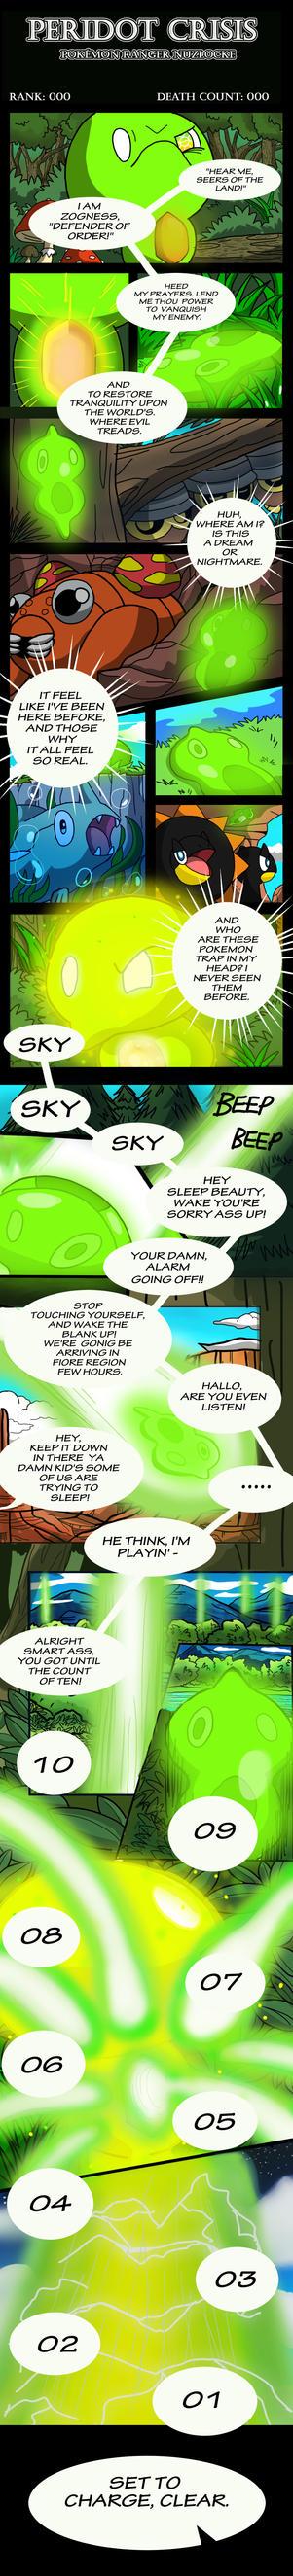 Peridot Crisis Nuzlocke: Prologue Page 02 by RoachMustard